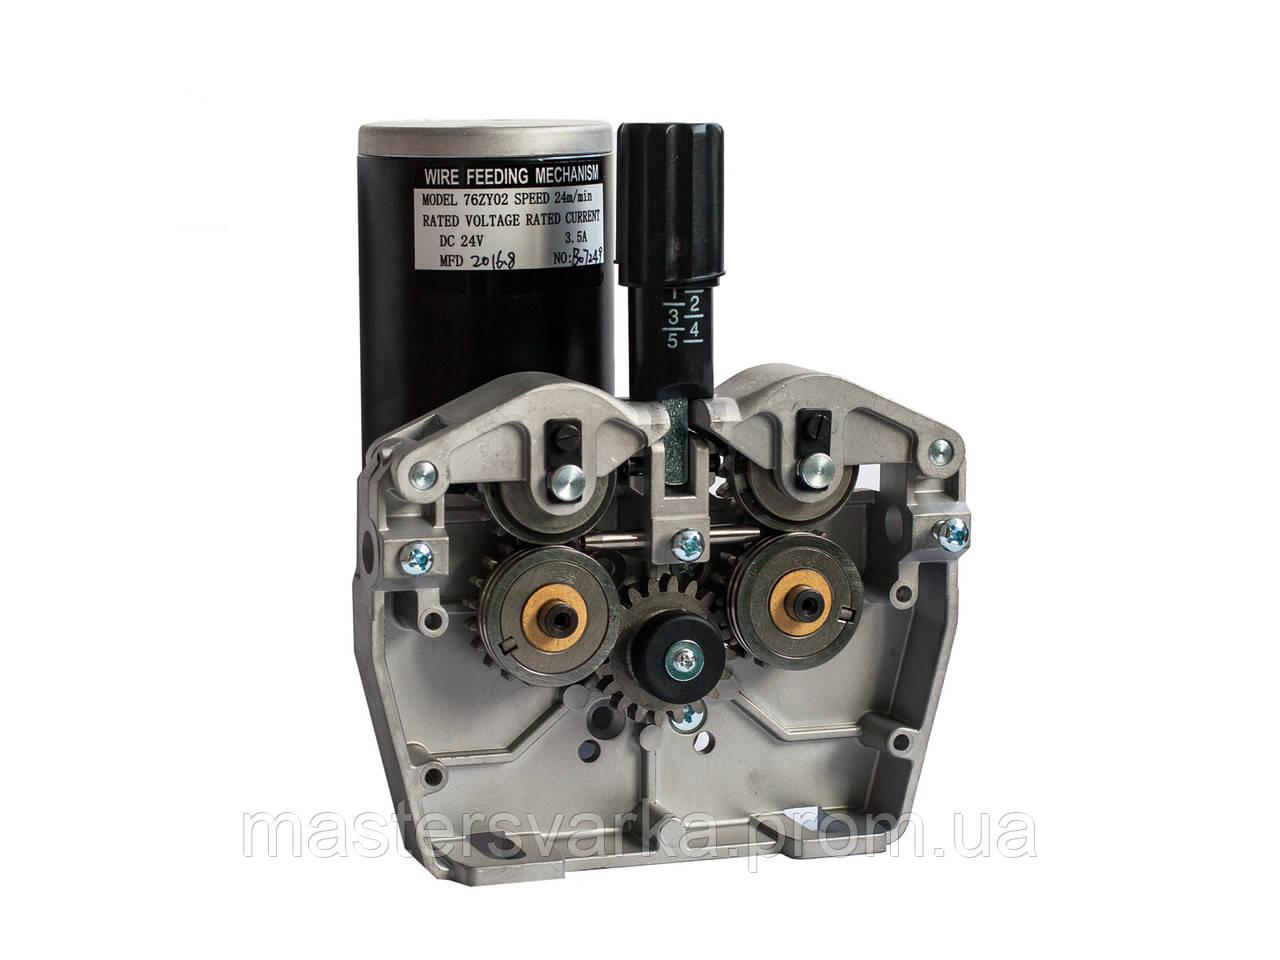 Механизм подачи проволоки для полуавтомата SSJ-7  (80 Вт)